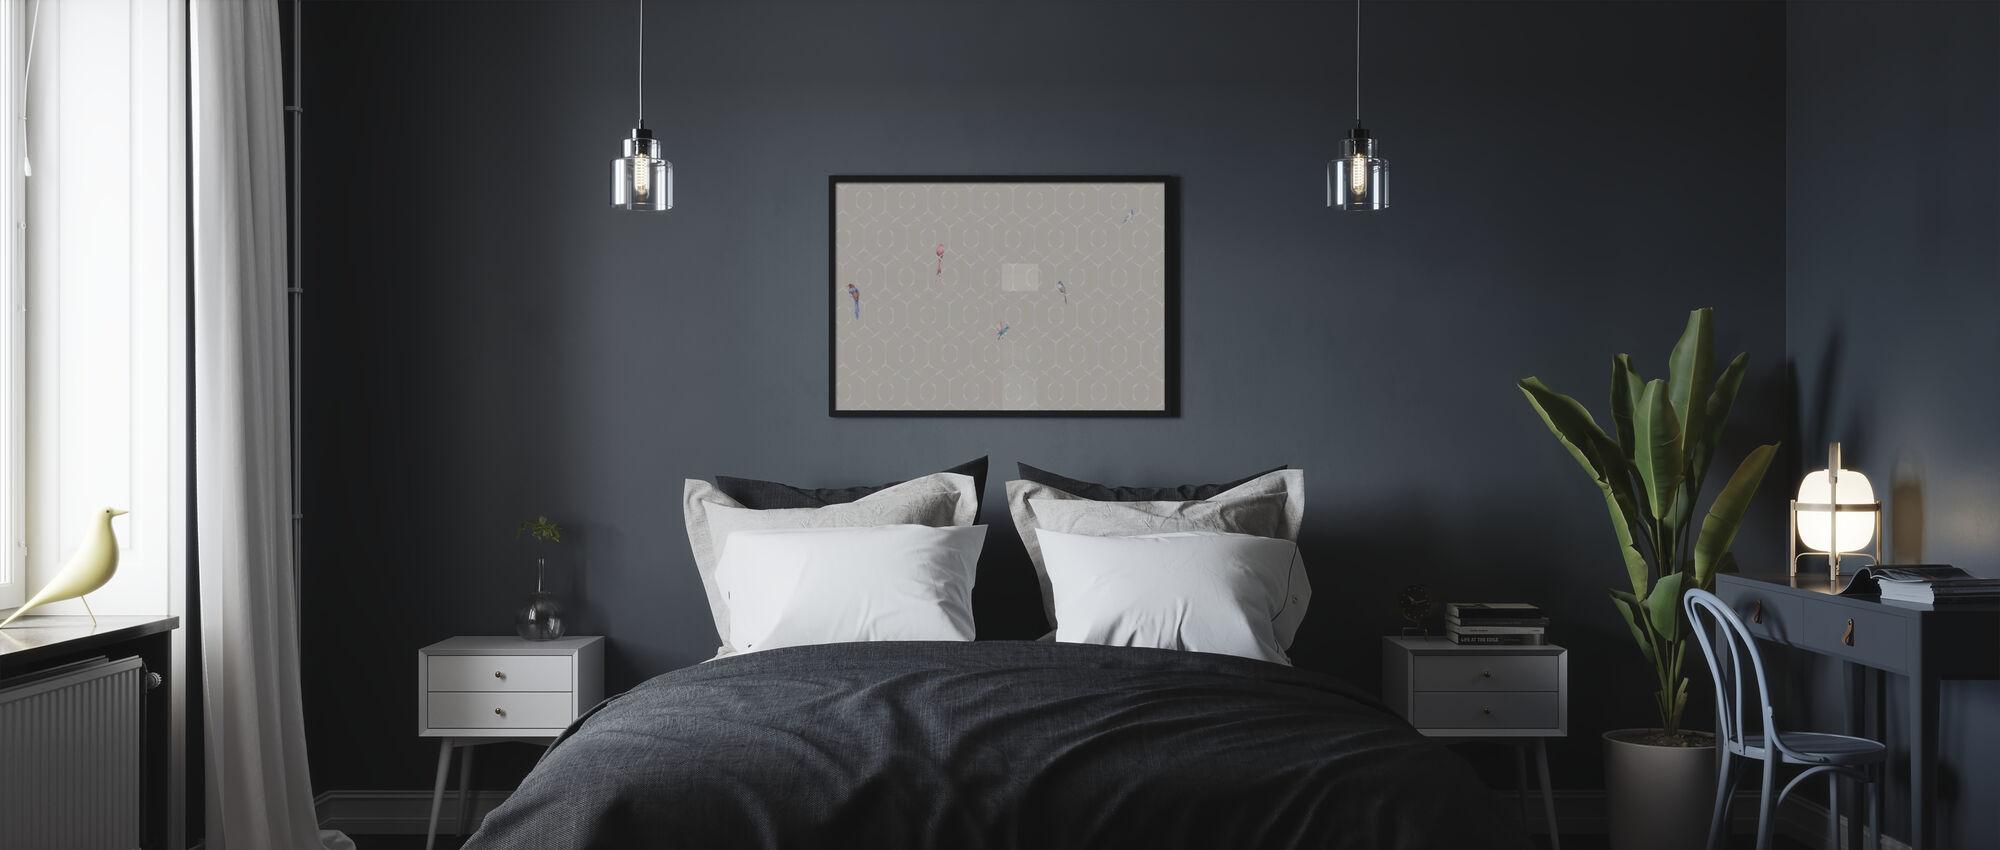 Toile de bambou de Scalet - Rose poudré - Affiche - Chambre